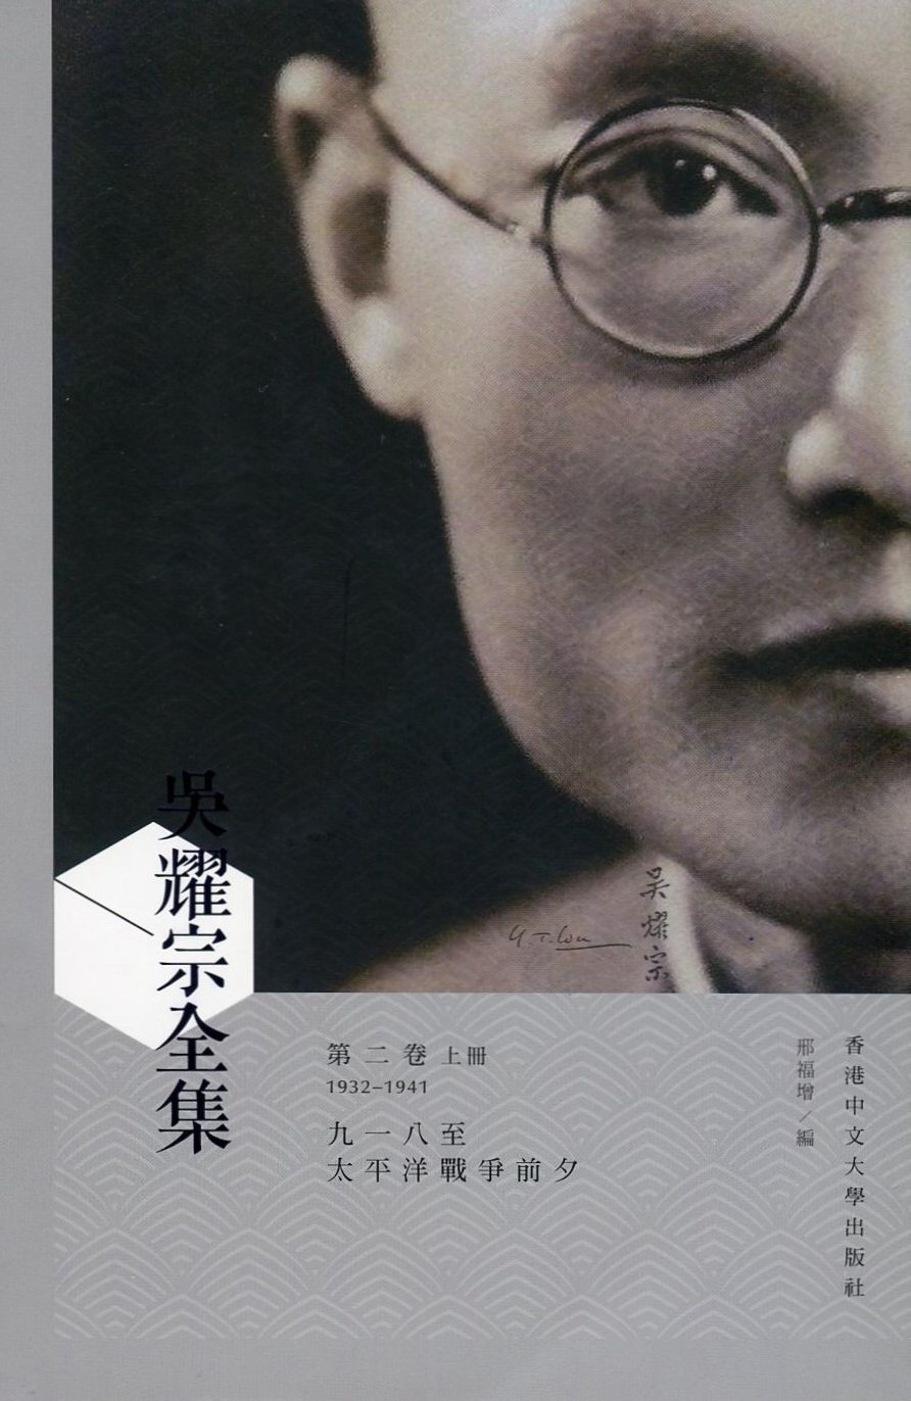 吳耀宗全集(第二卷):九一八至太平洋戰爭前夕(1932-1941)(上、下兩冊)(精裝)